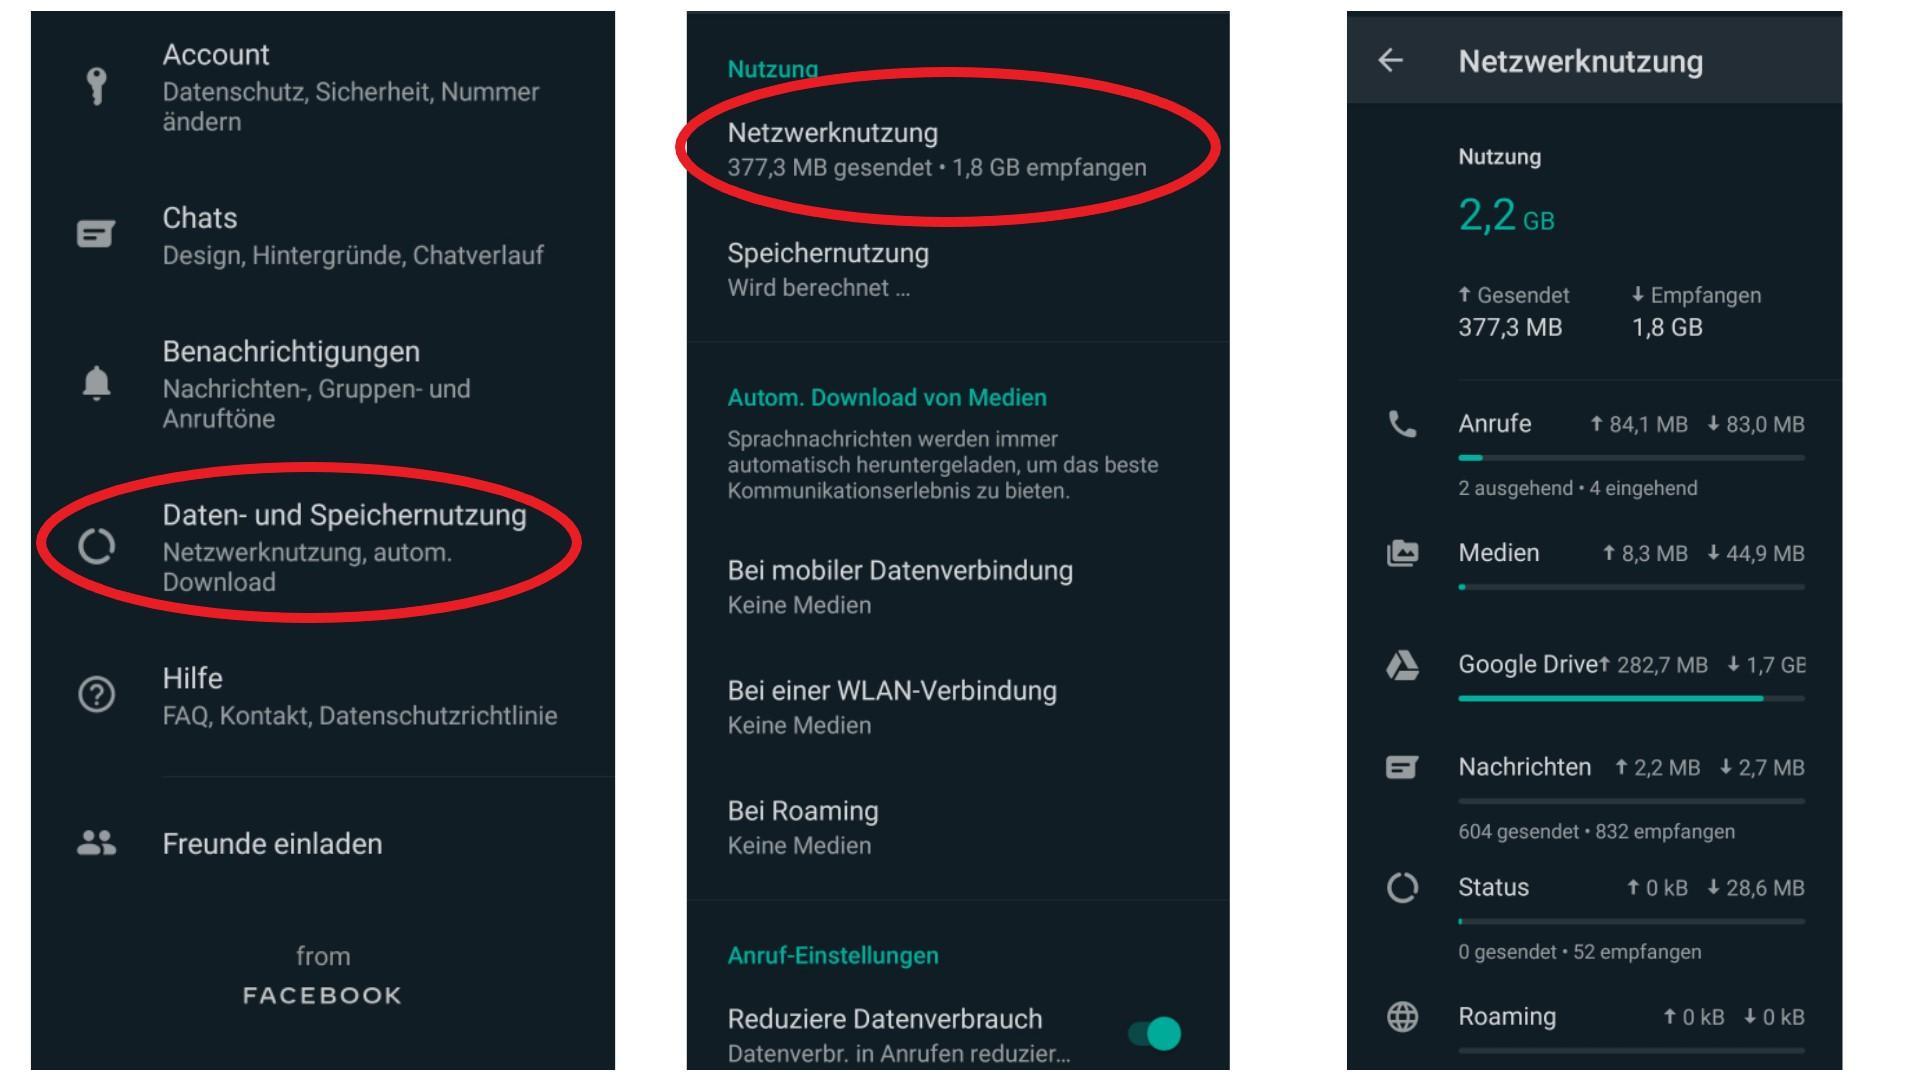 Ihre WhatsApp Statistiken können Sie in den Einstellungen der App anzeigen lassen.